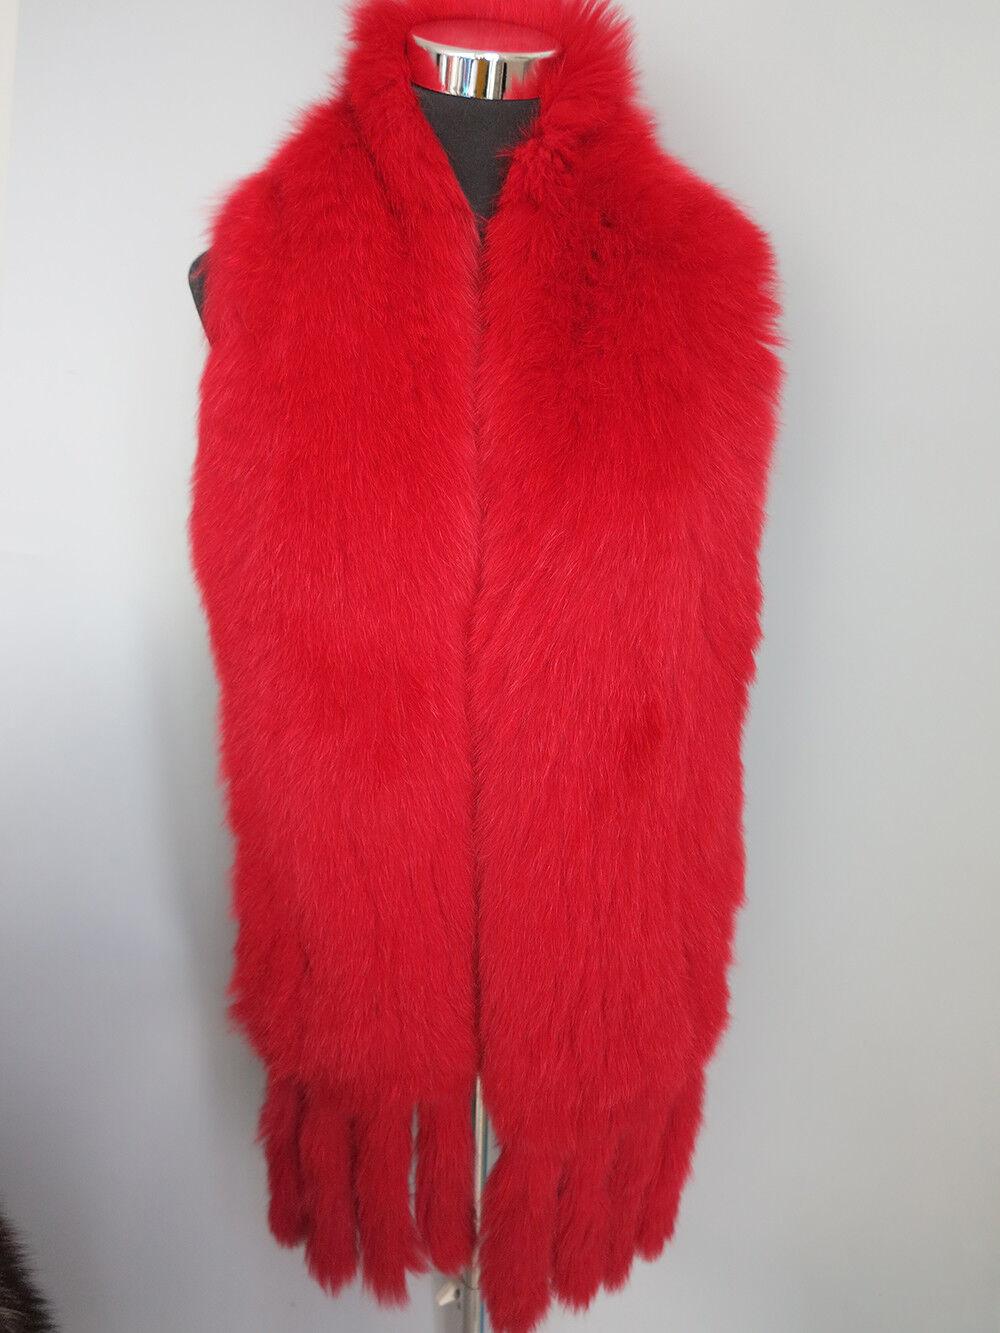 New Braid100% real fox fur scarf /cape/ collar / wrap r